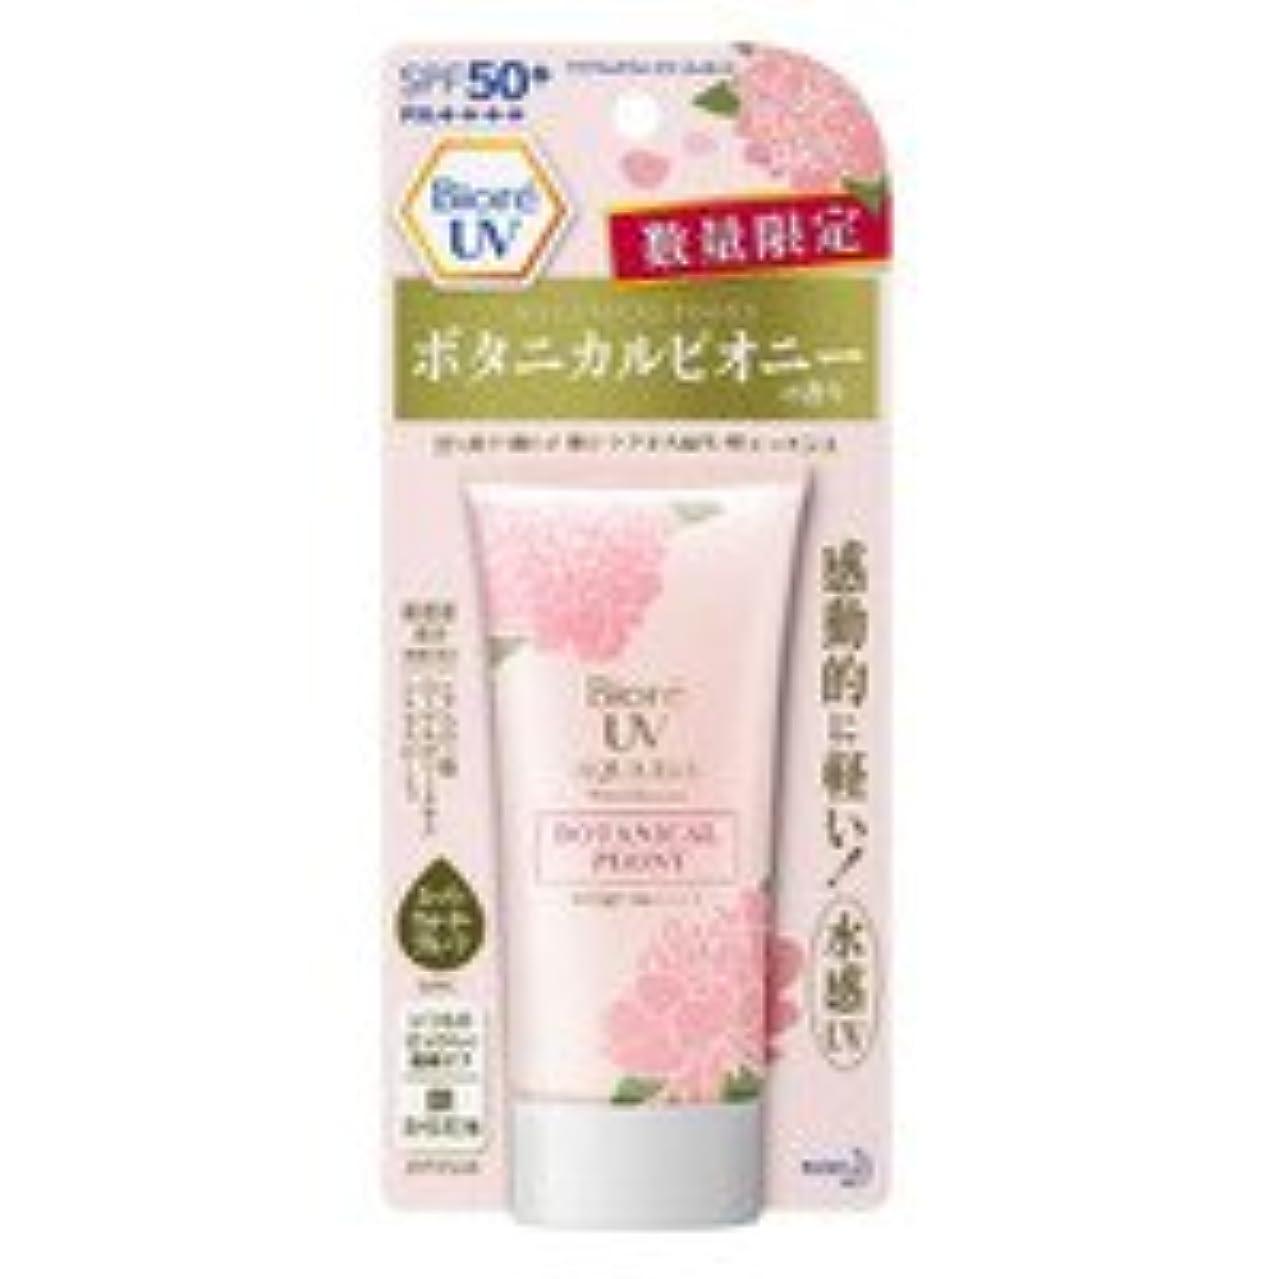 こするフロー価値のない花王 ビオレUV アクアリッチエッセンス ボタニカルピオニーの香り